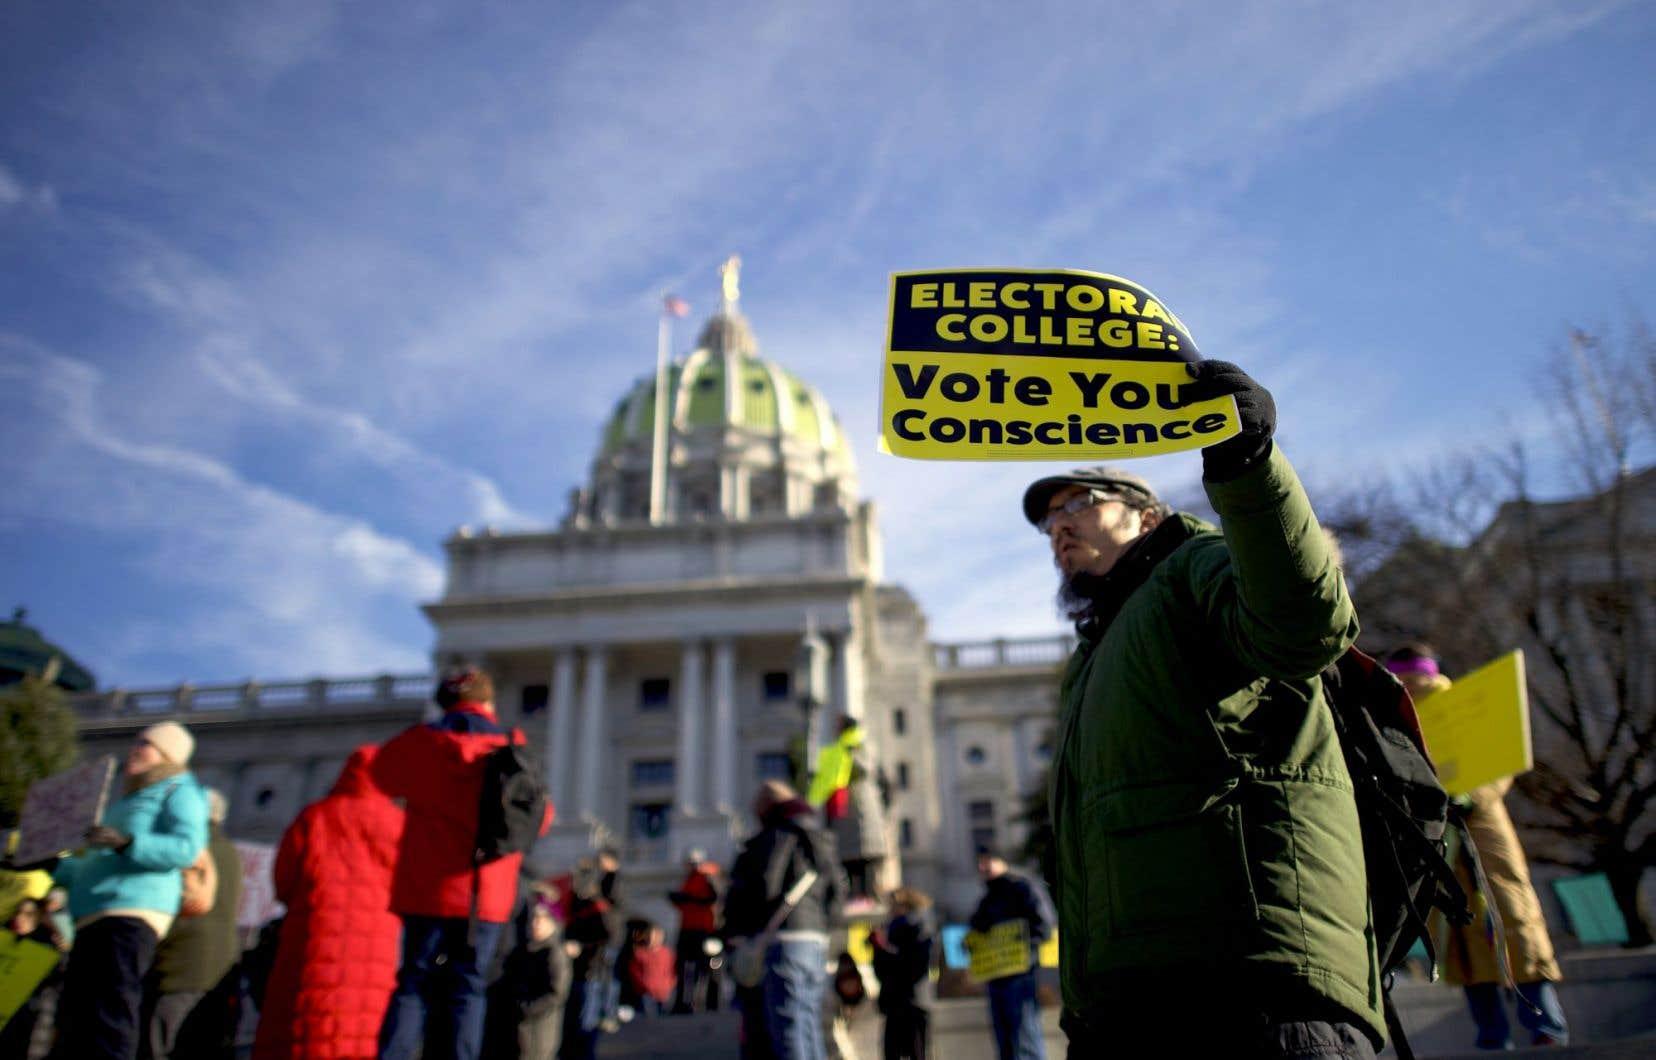 Les rares défections de lundi ont été plus nombreuses dans le camp démocrate que dans le camp républicain.